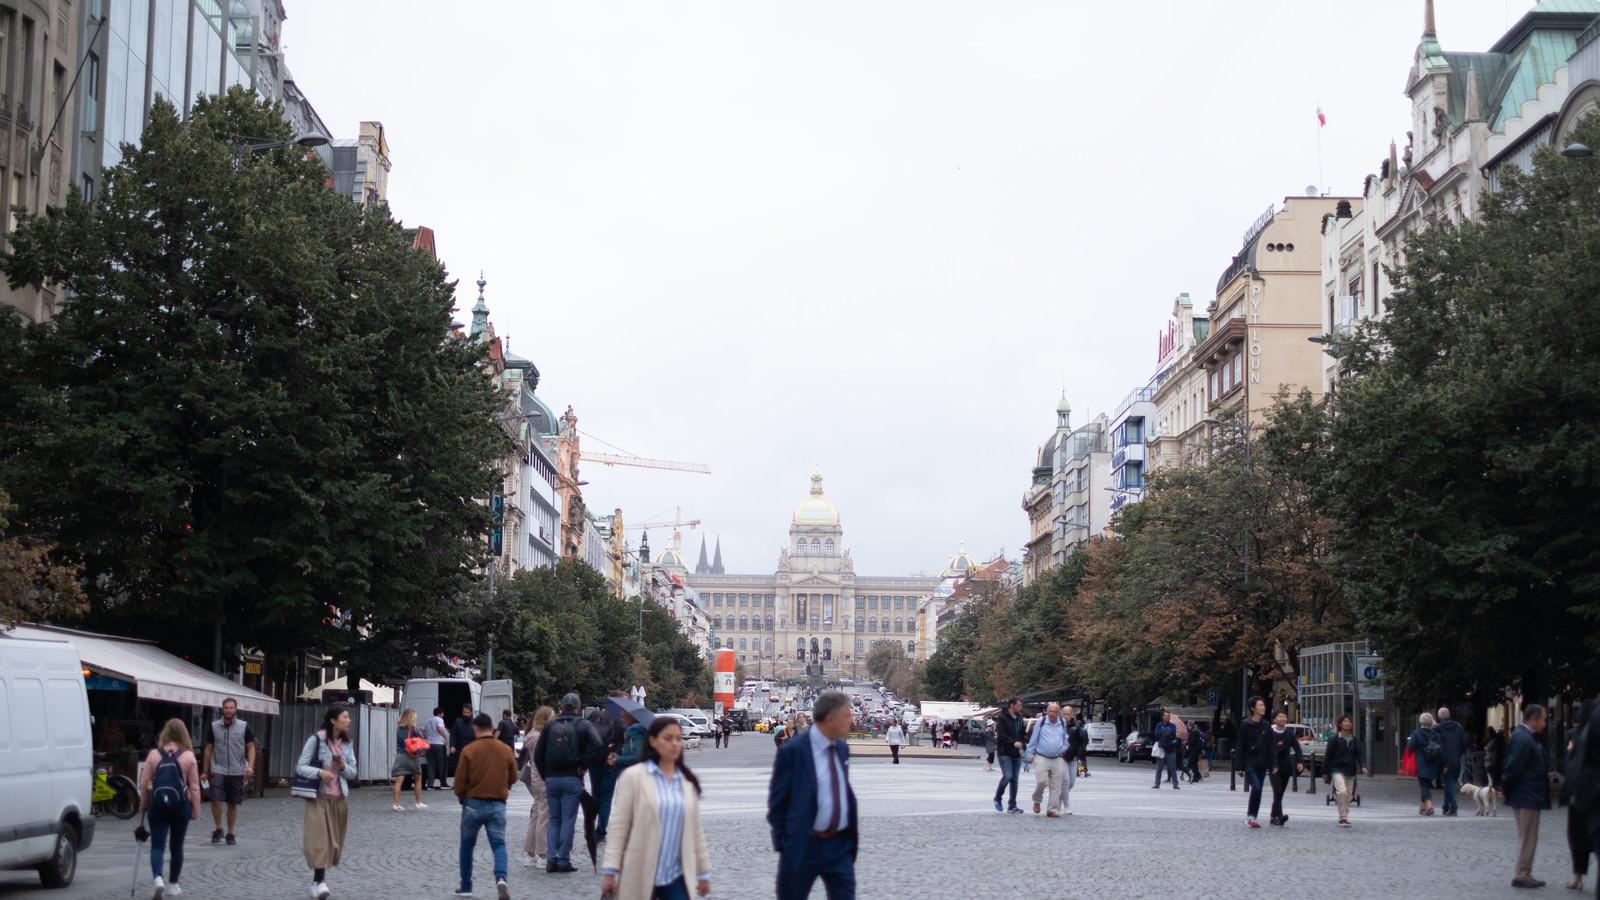 「プラハにあるヴァーツラフ広場(チェコ共和国)」の写真